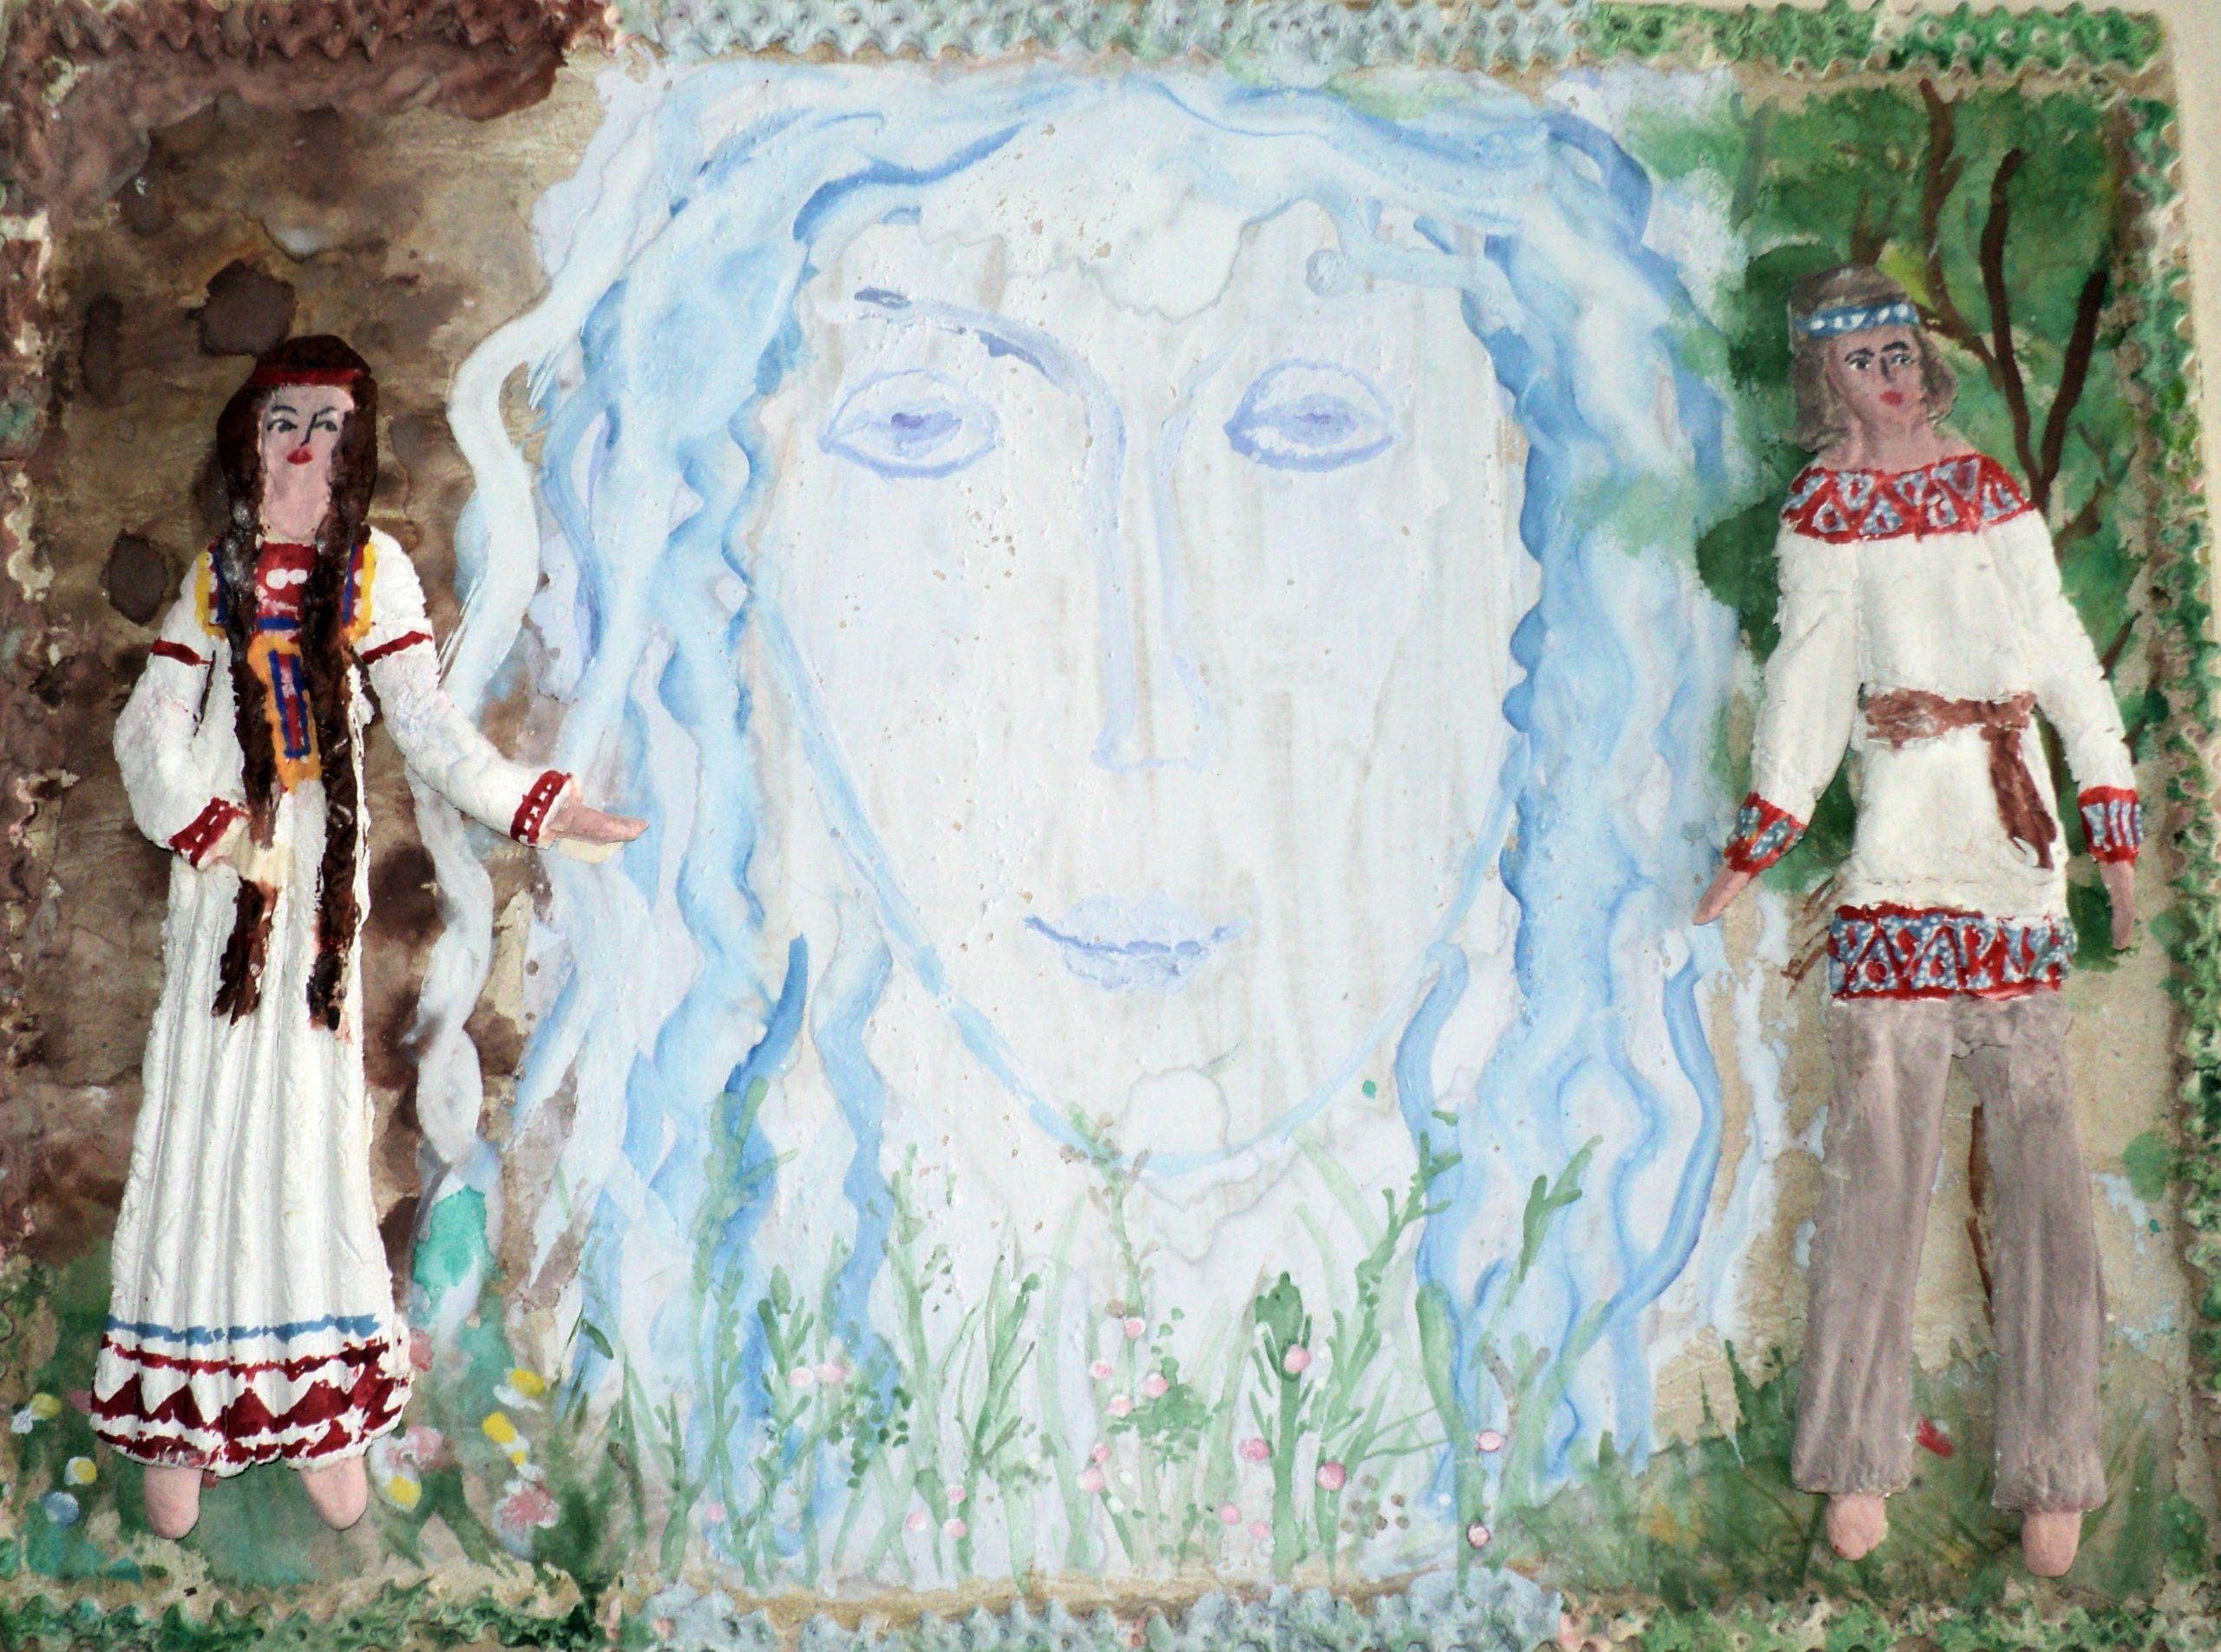 1. Поклонение воде. Лазорева Полина